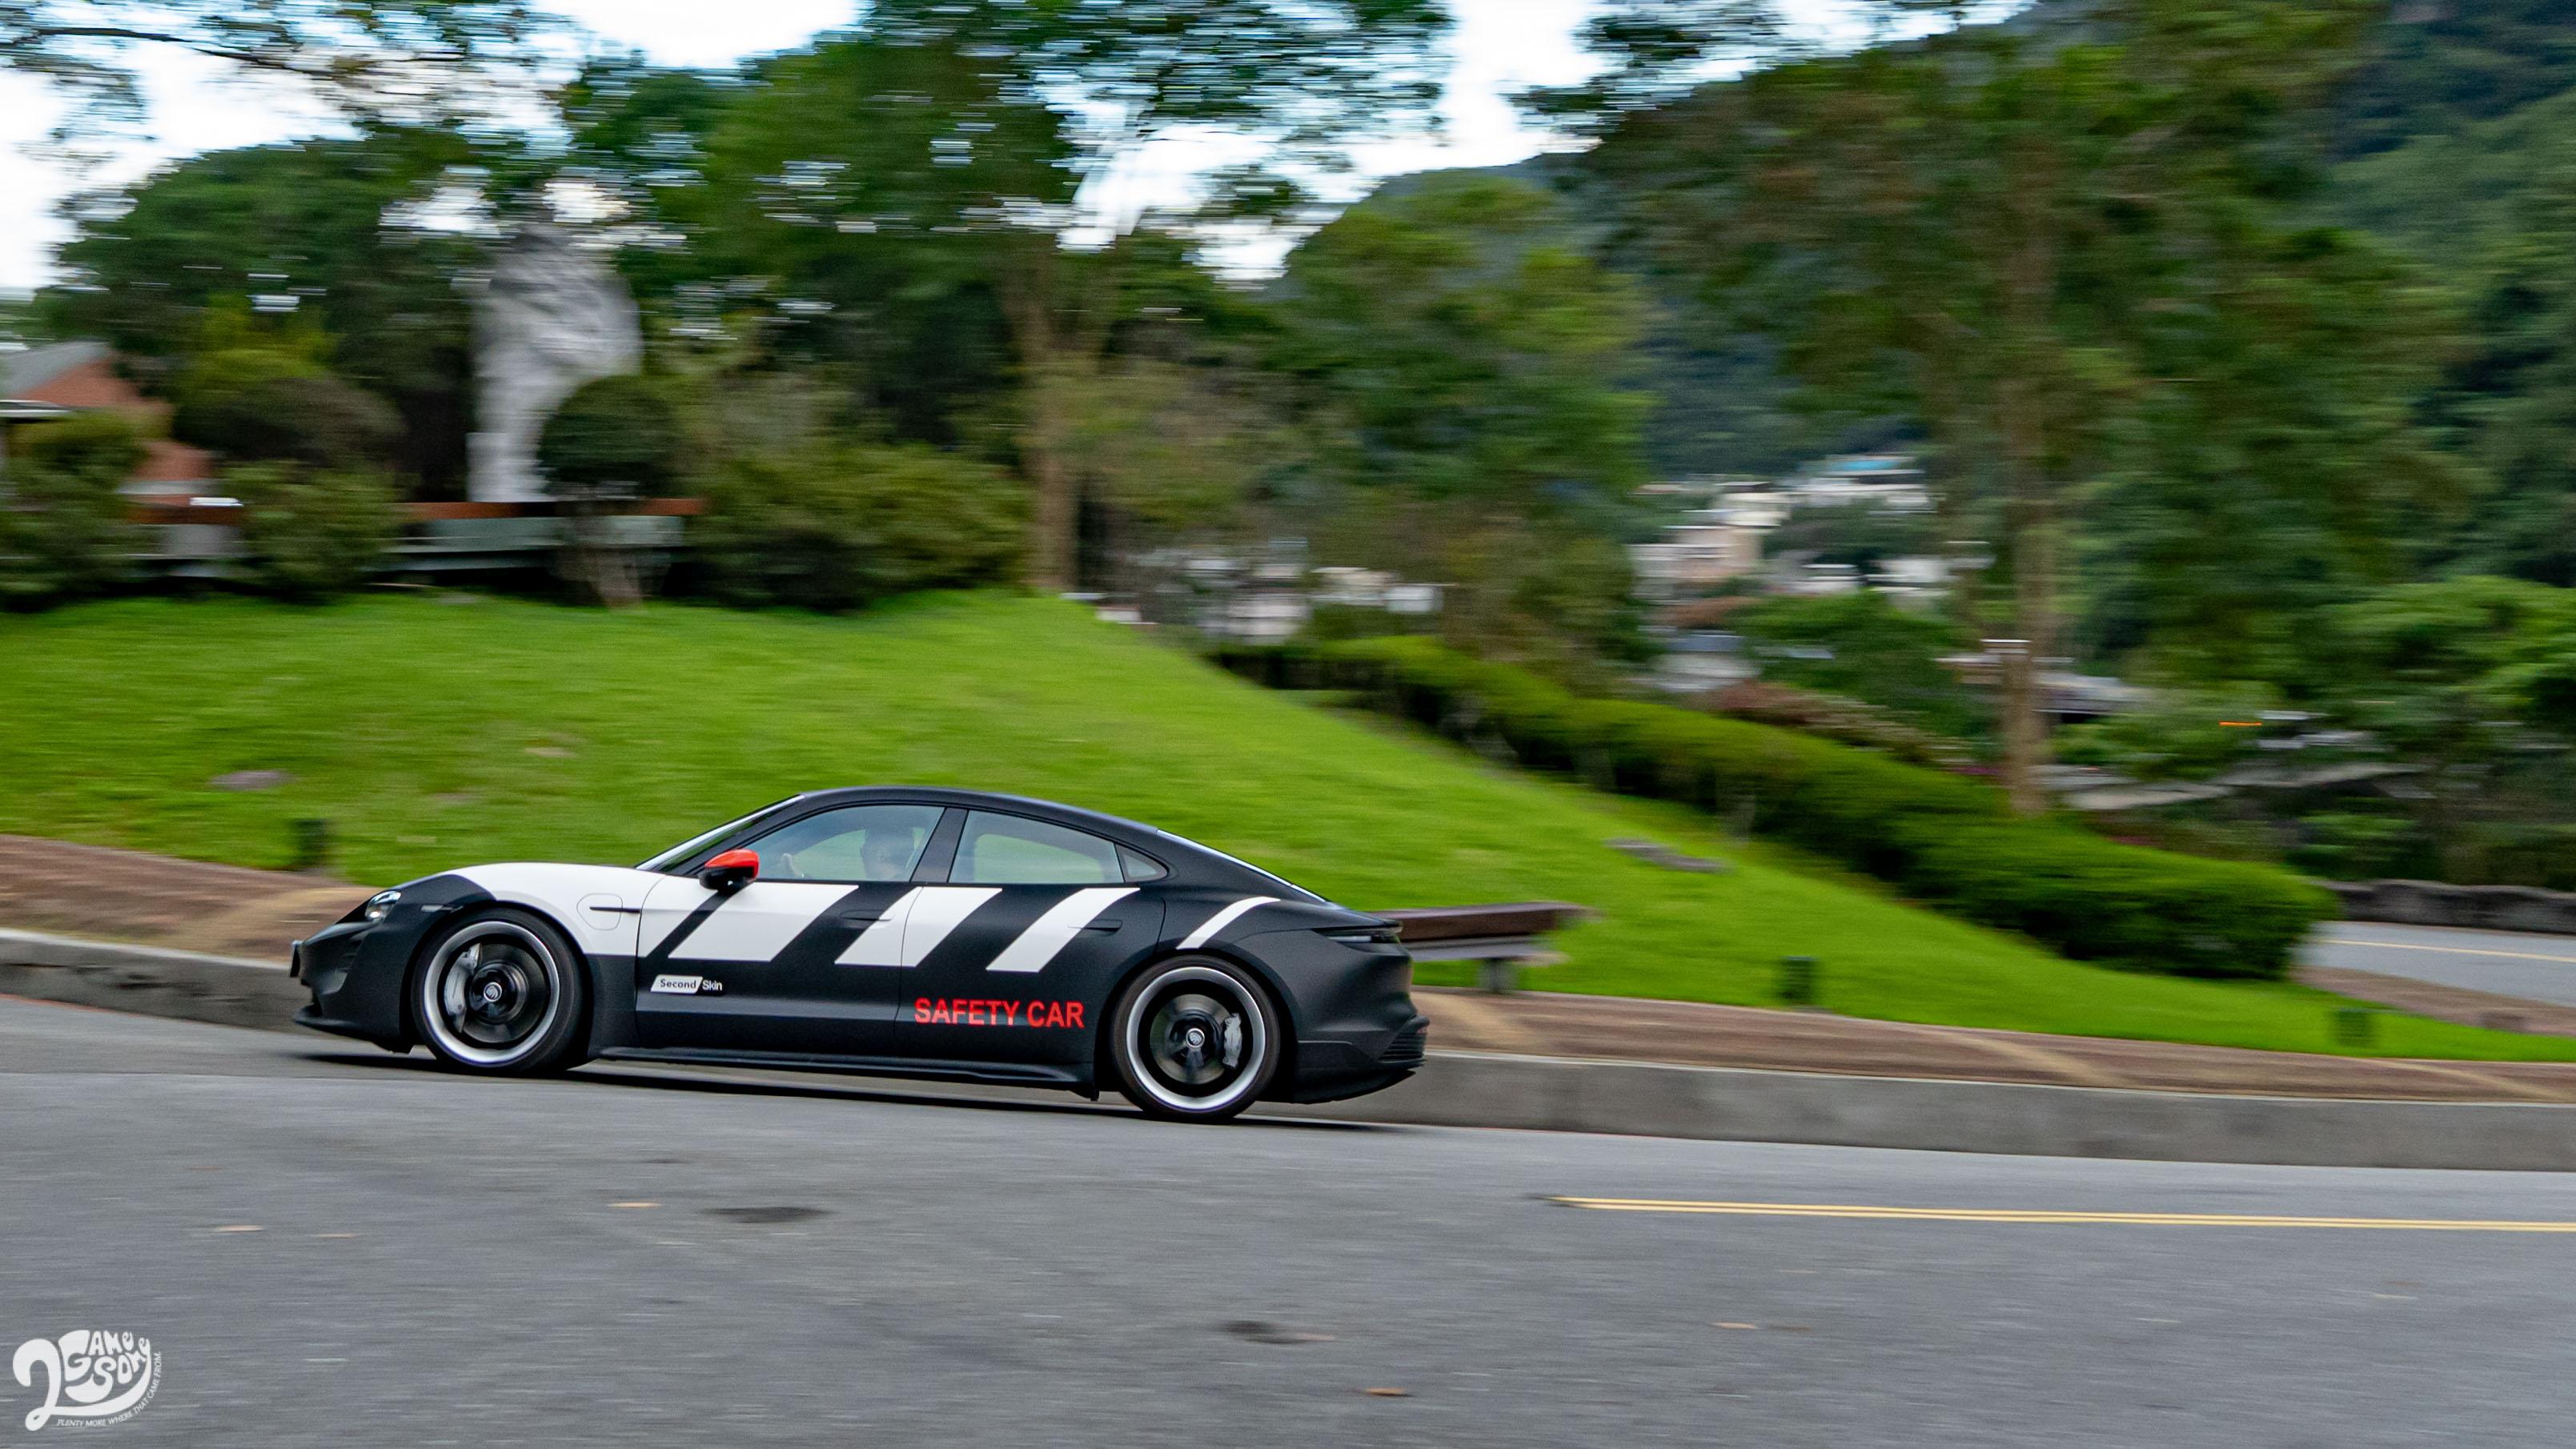 電動跑車音效是 Taycan 在聽覺上最能彰顯其身份的元素。